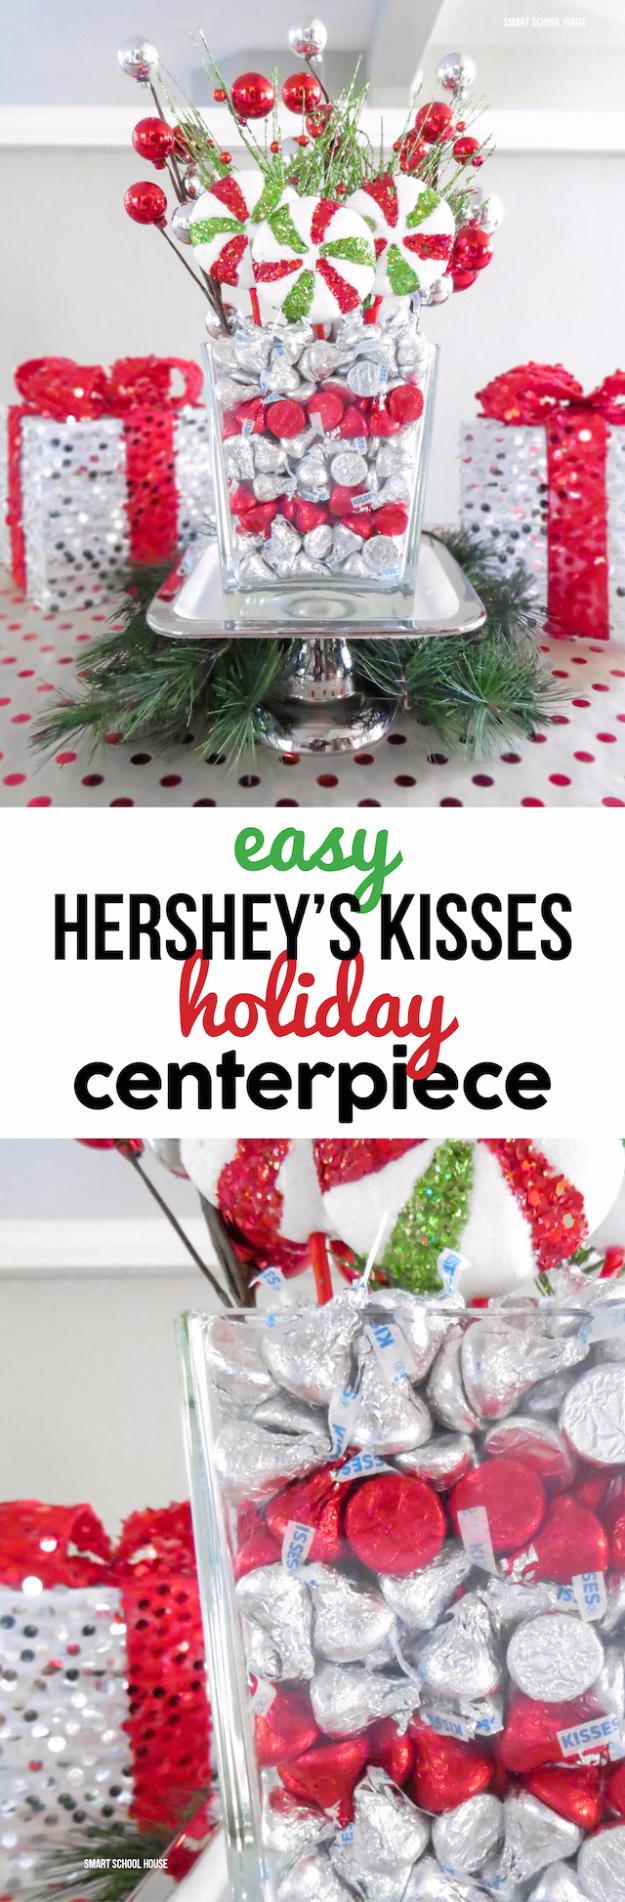 34 Creative Christmas Centerpieces